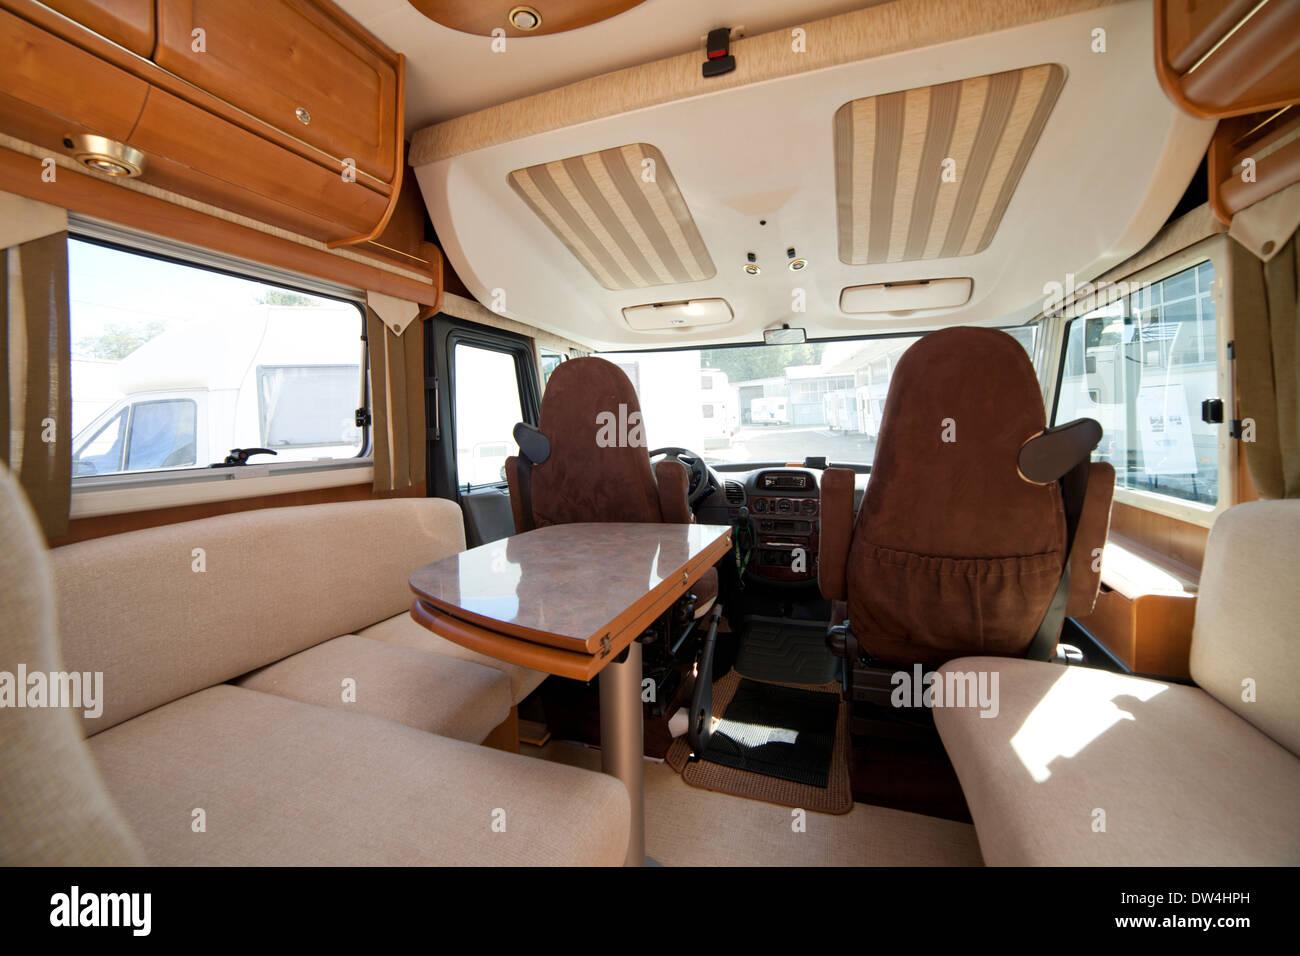 camper van wohnmobil vorne teil innen mit tisch und st hlen stockfoto bild 67099273 alamy. Black Bedroom Furniture Sets. Home Design Ideas